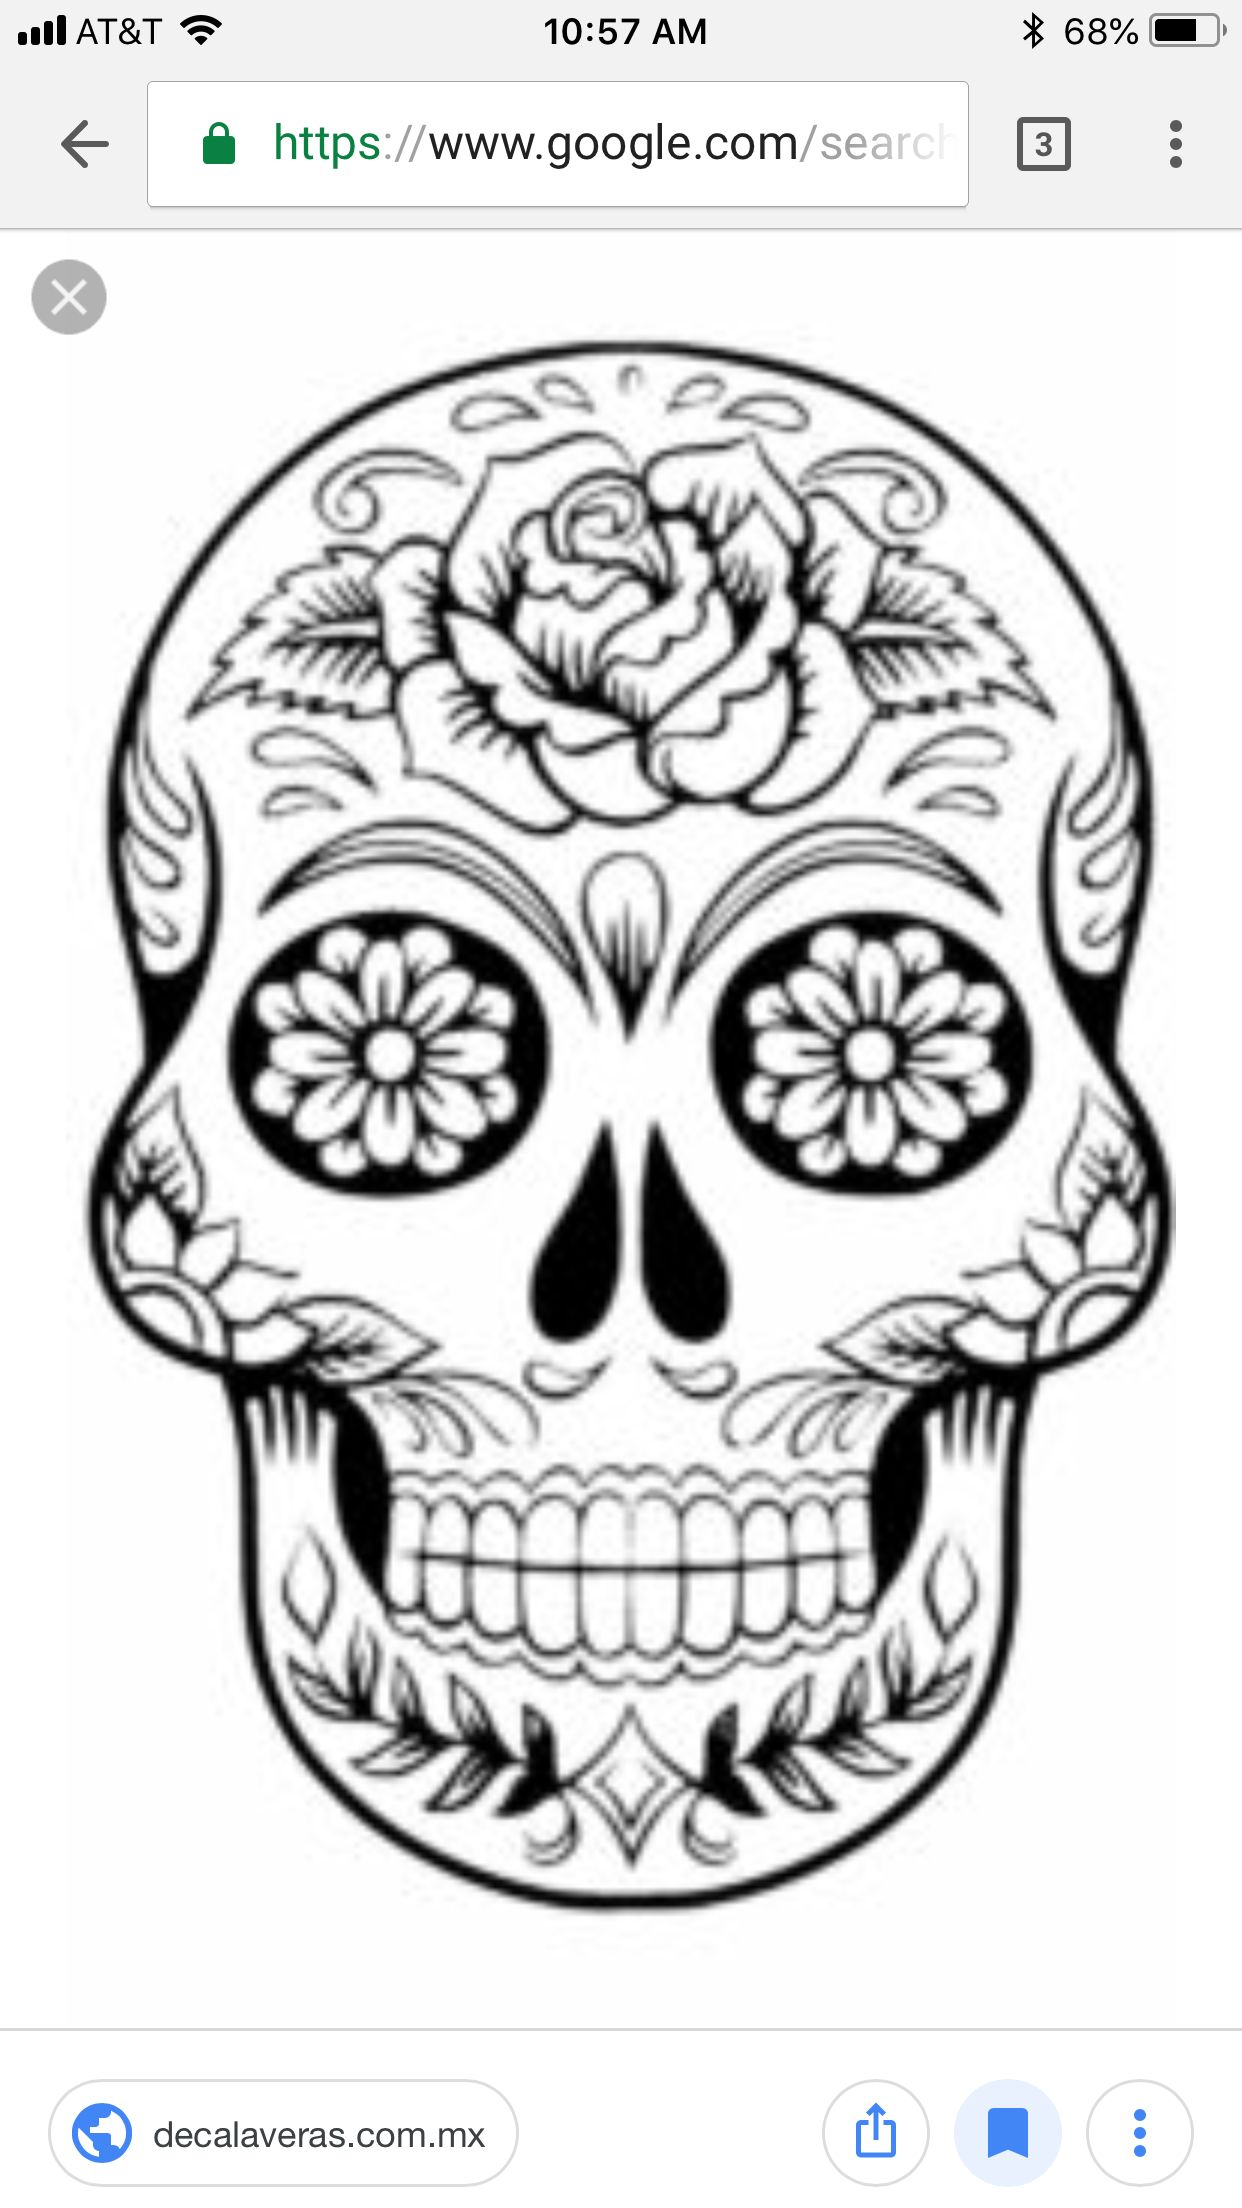 Pin de Laura Ceballes en ARTE MEJICANO   Pinterest   Calaveras ...